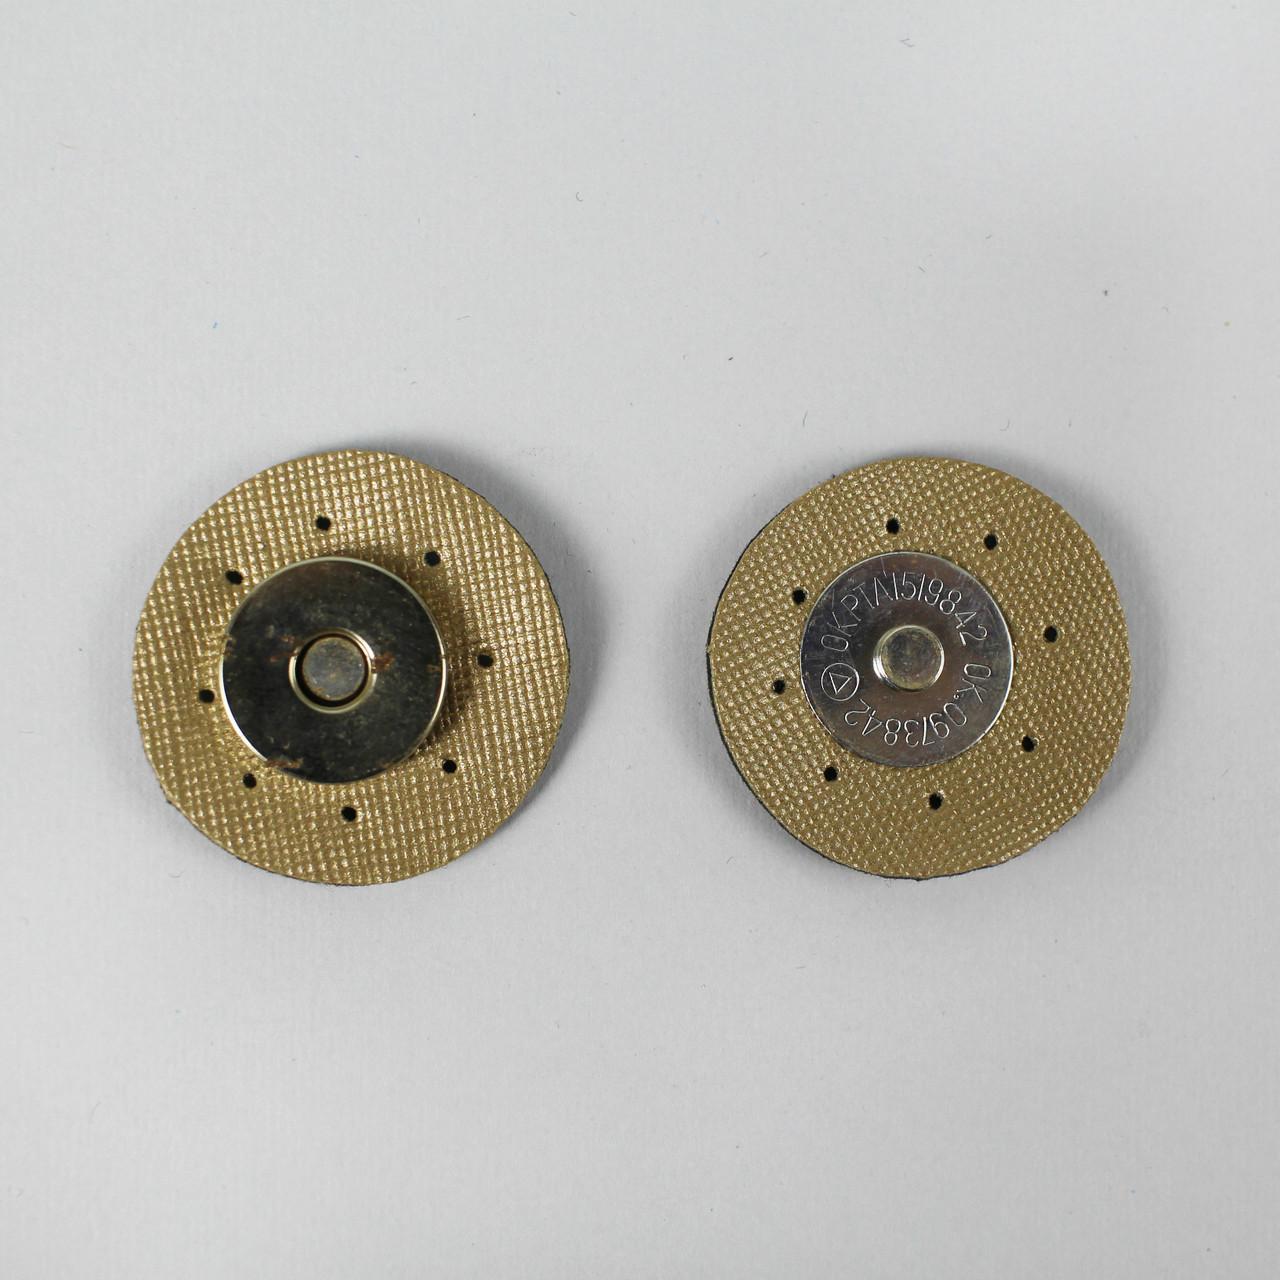 Кнопка магнитная 3,5 см пришивная на экокоже Бронза